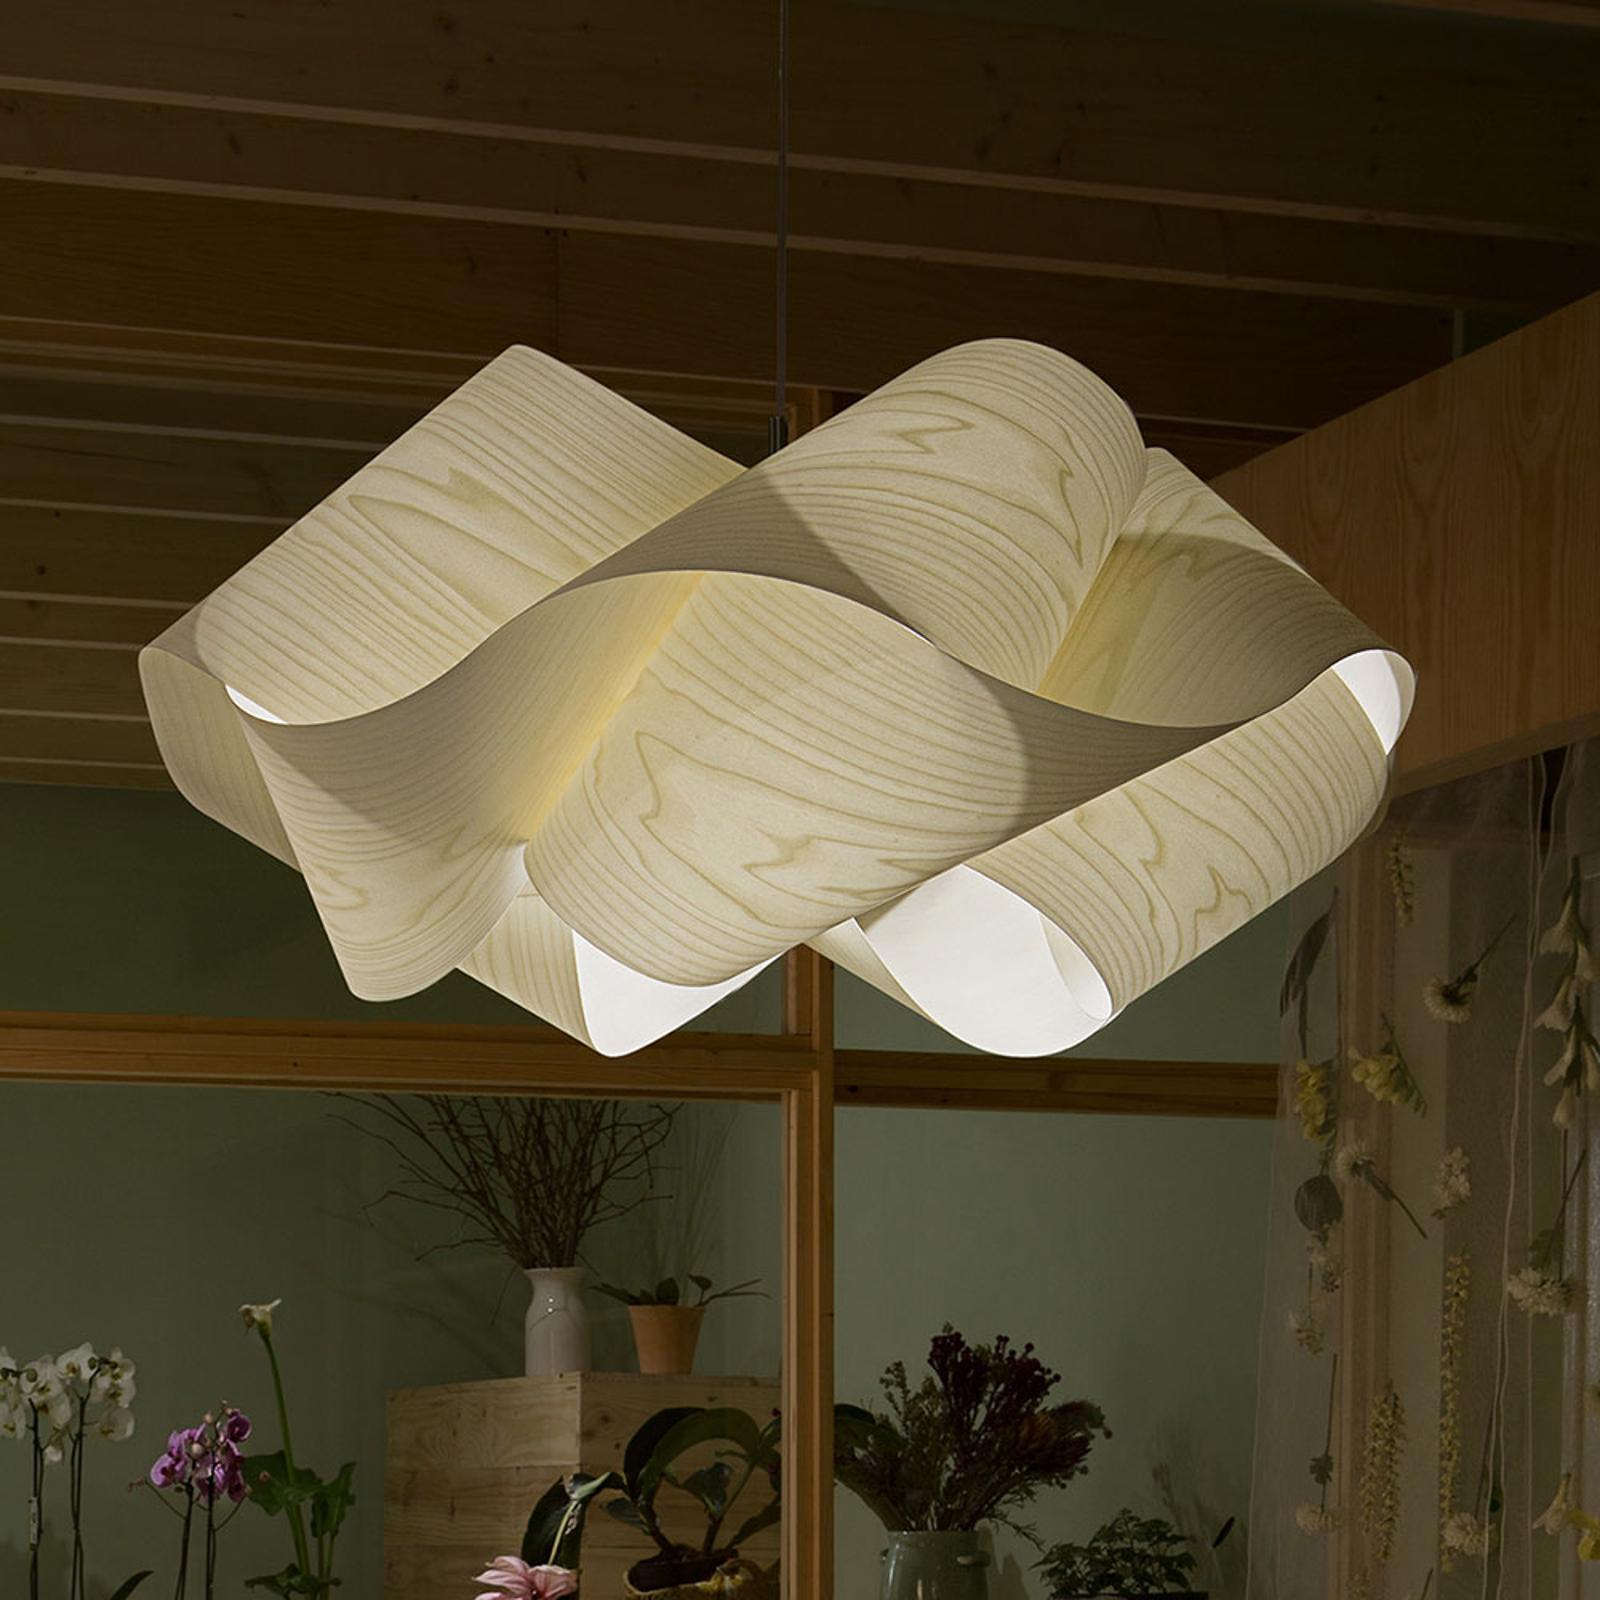 LZF Swirl hængelampe, Ø 54 cm, elfenben